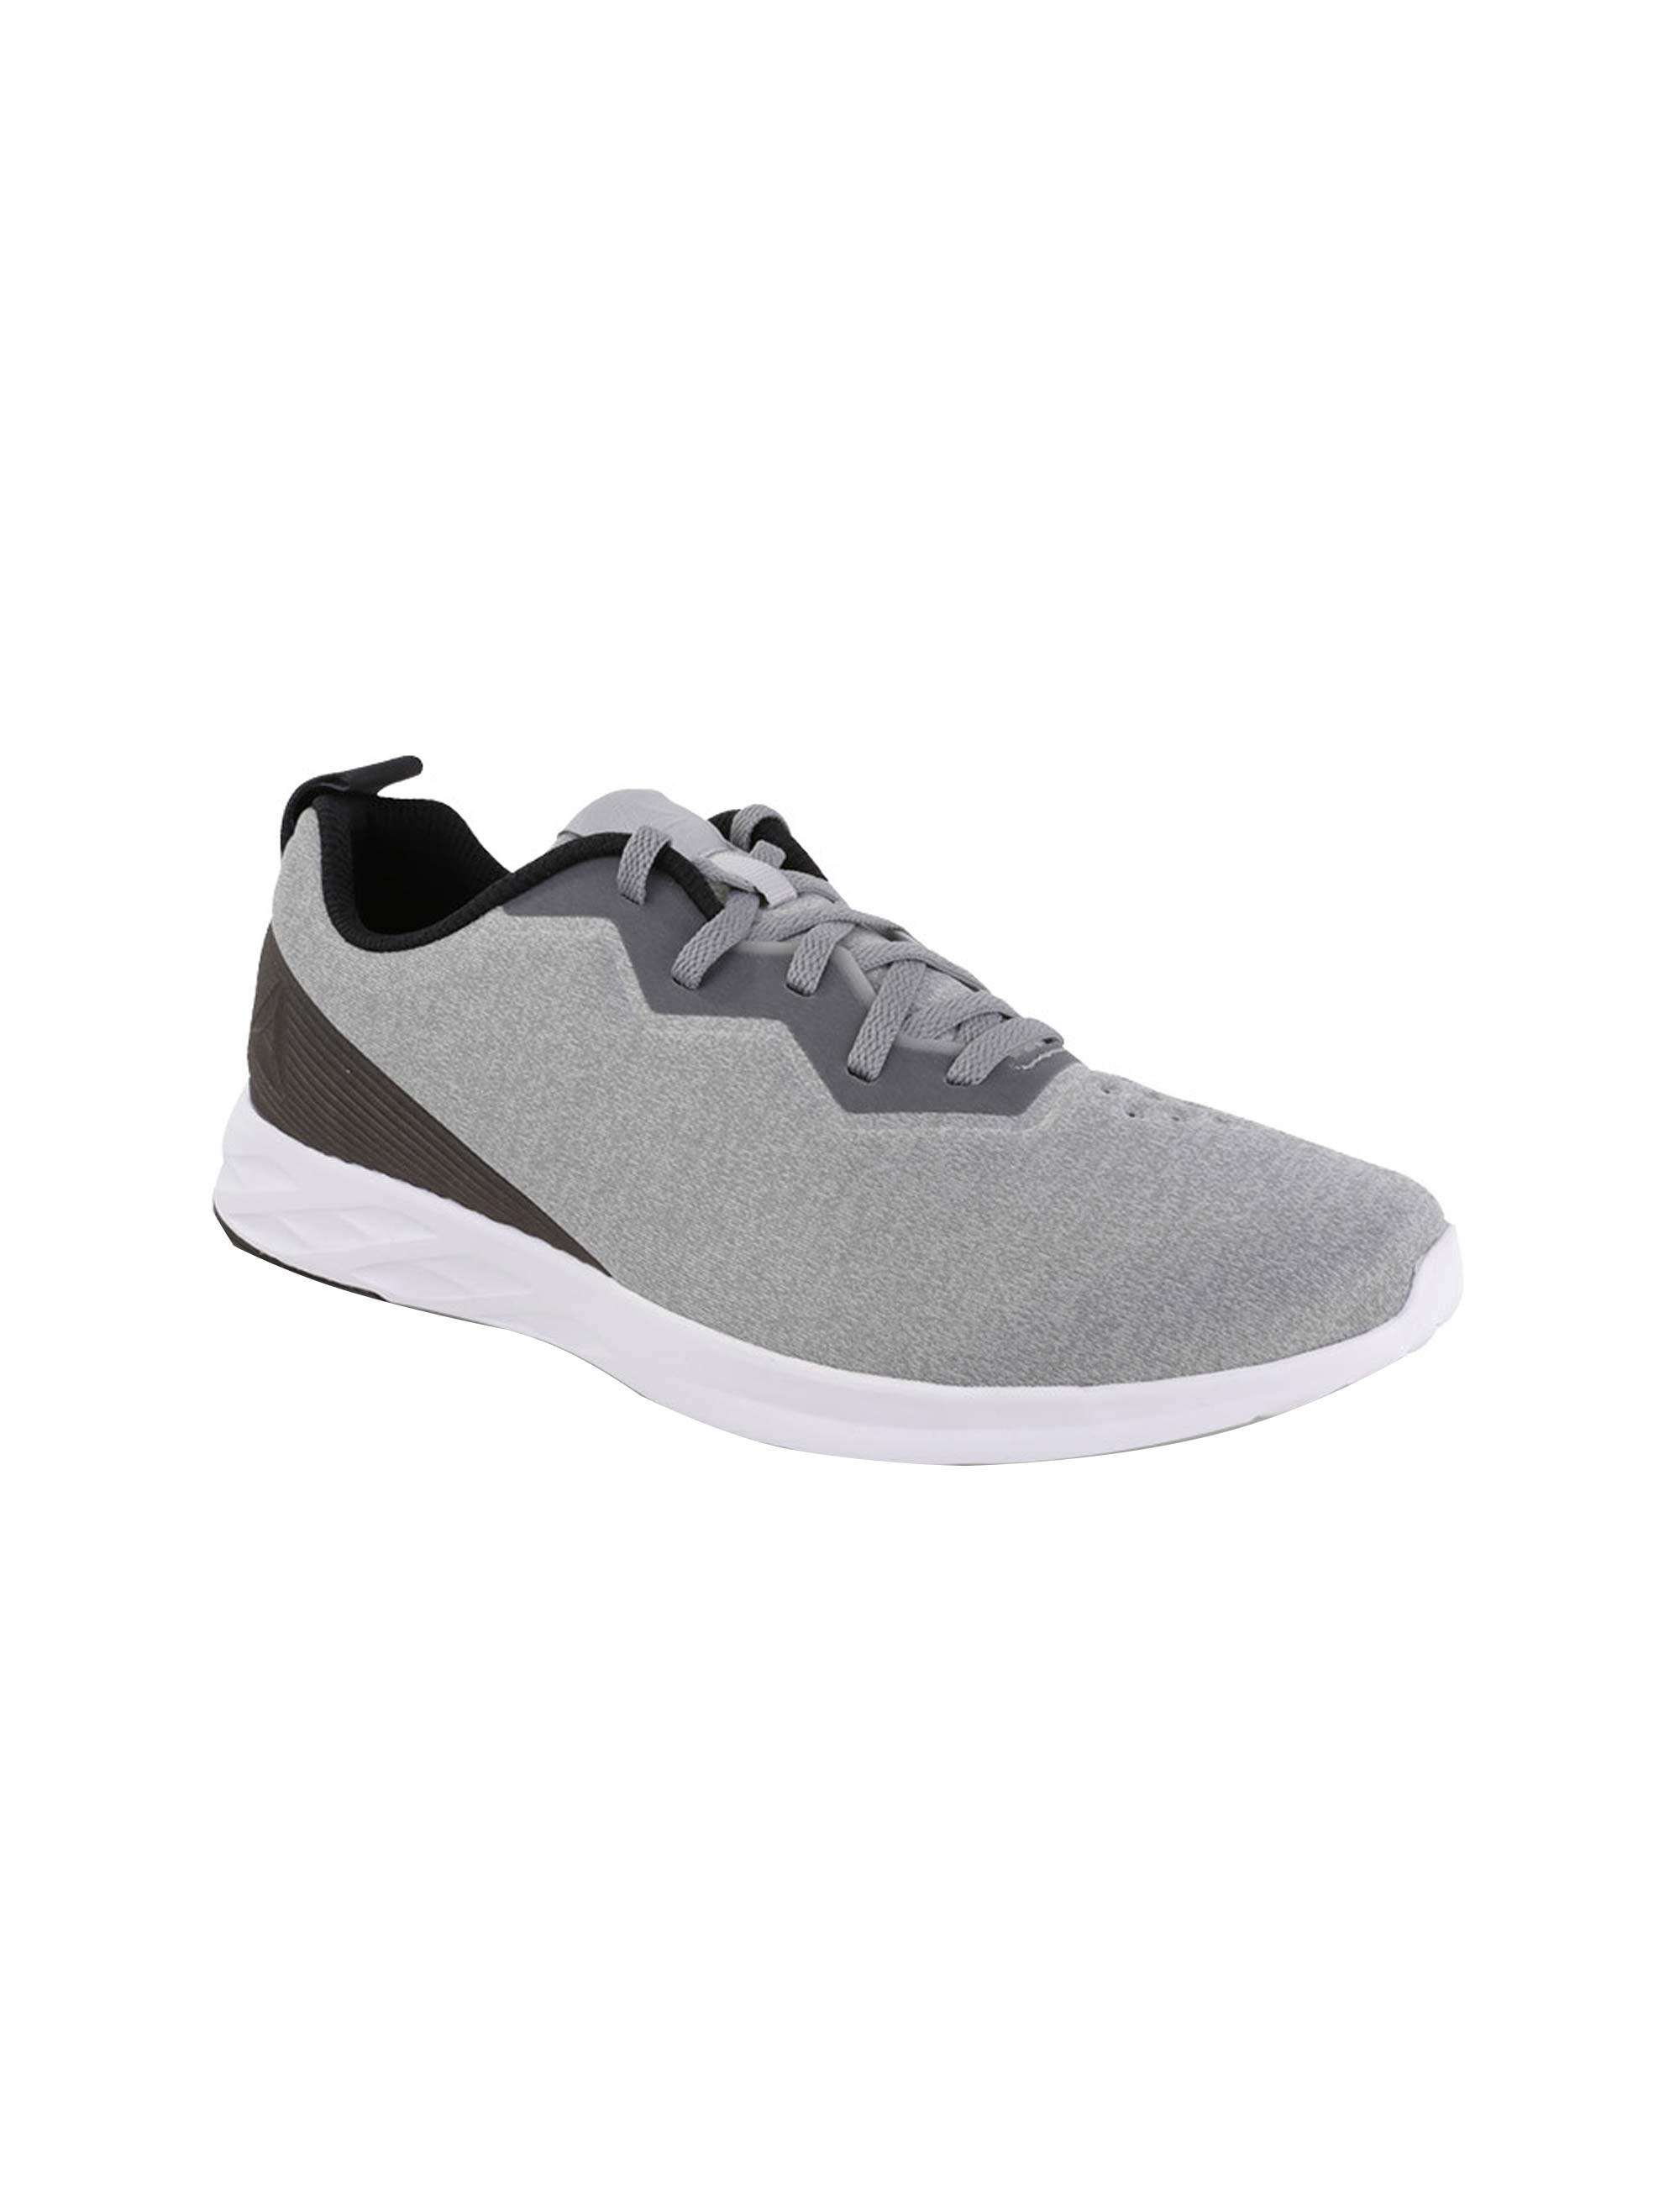 قیمت کفش دویدن بندی مردانه Astroride Perigee - ریباک